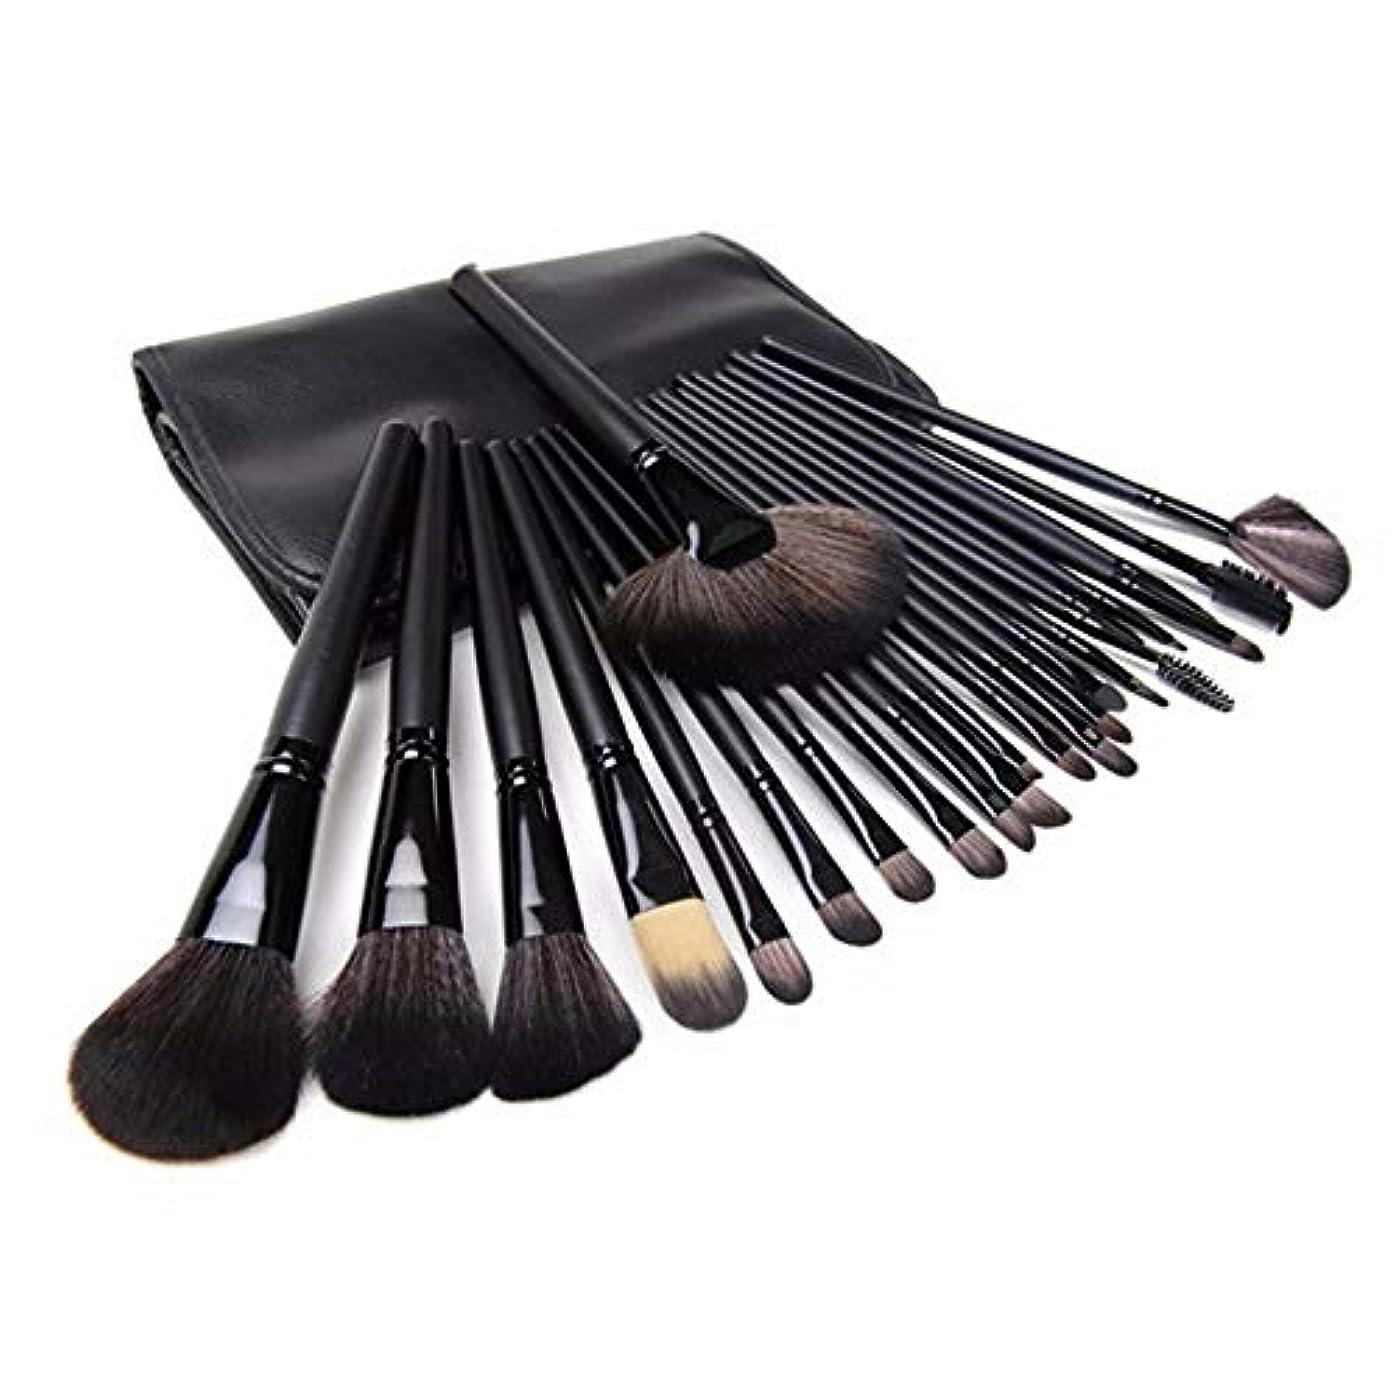 シアー利用可能ホップMakeup brushes メイクアップバッグ、24ピースメイクアップブラシ完熟セミシンセティックファンデーションブラッシュコンシーラーアイシャドウリップバーム、メイクアップブラシセット suits (Color :...